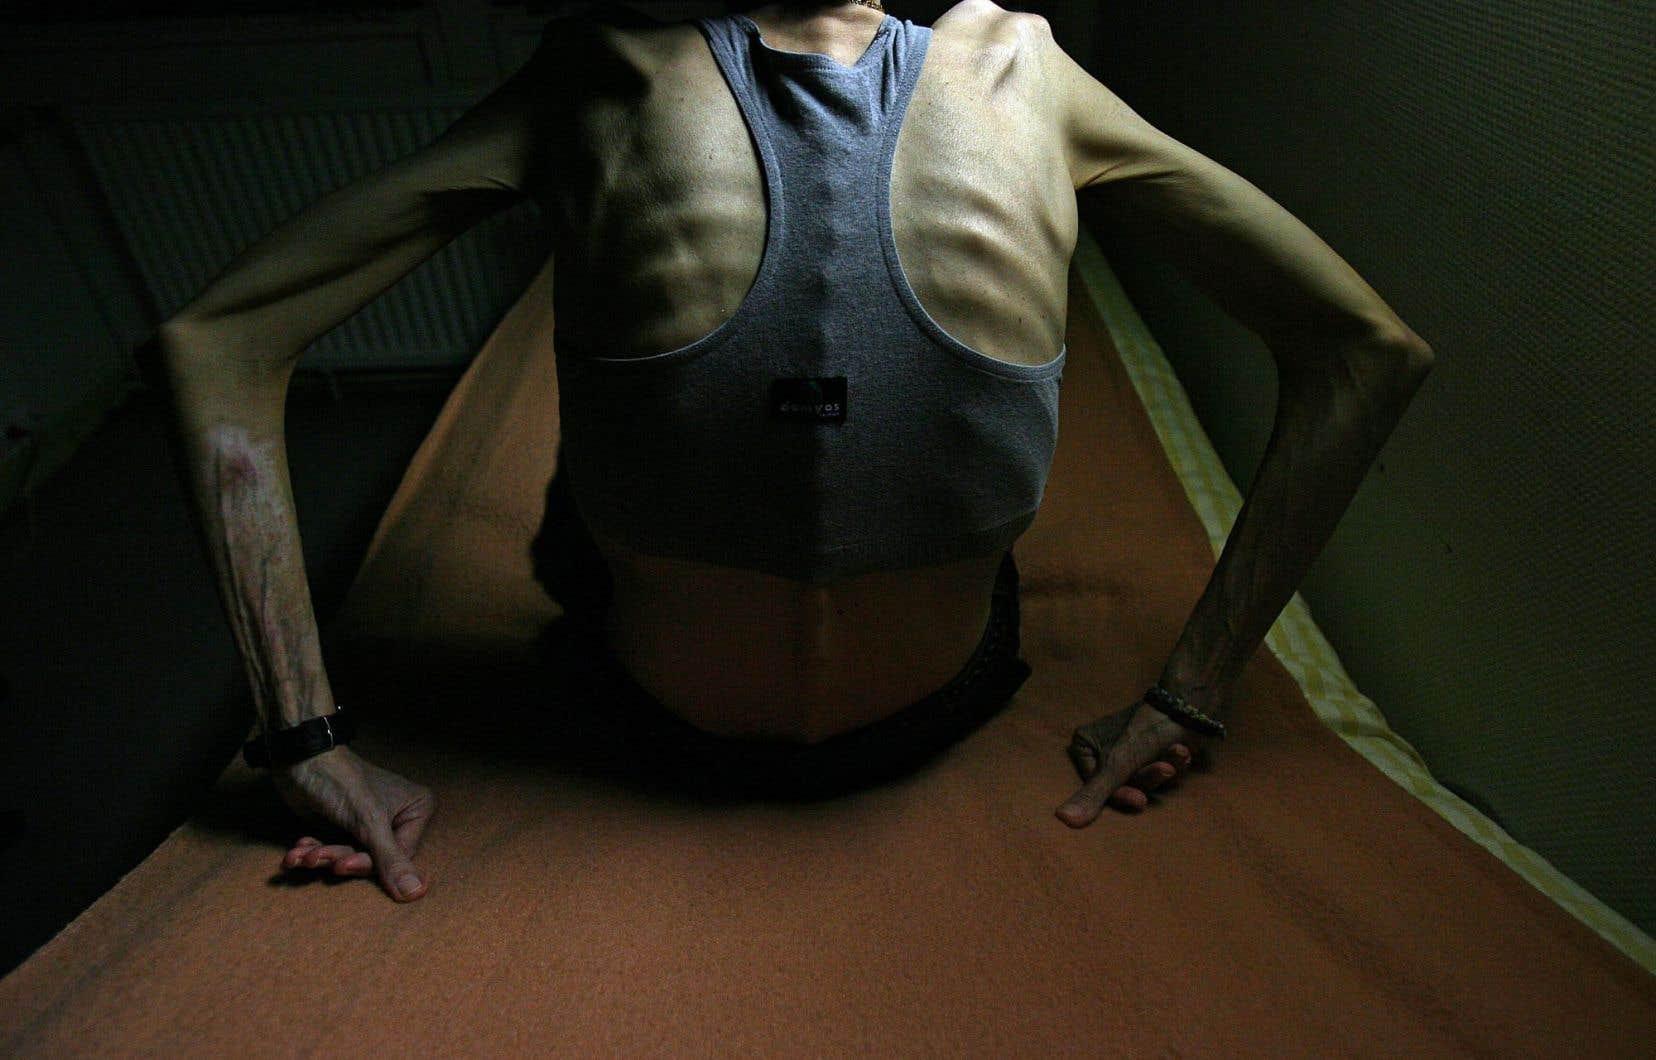 Les chercheurs ont observé que plus les patientes souffraient d'anorexie nerveuse depuis longtemps, plus ces altérations de la méthylation de l'ADN étaient abondantes.